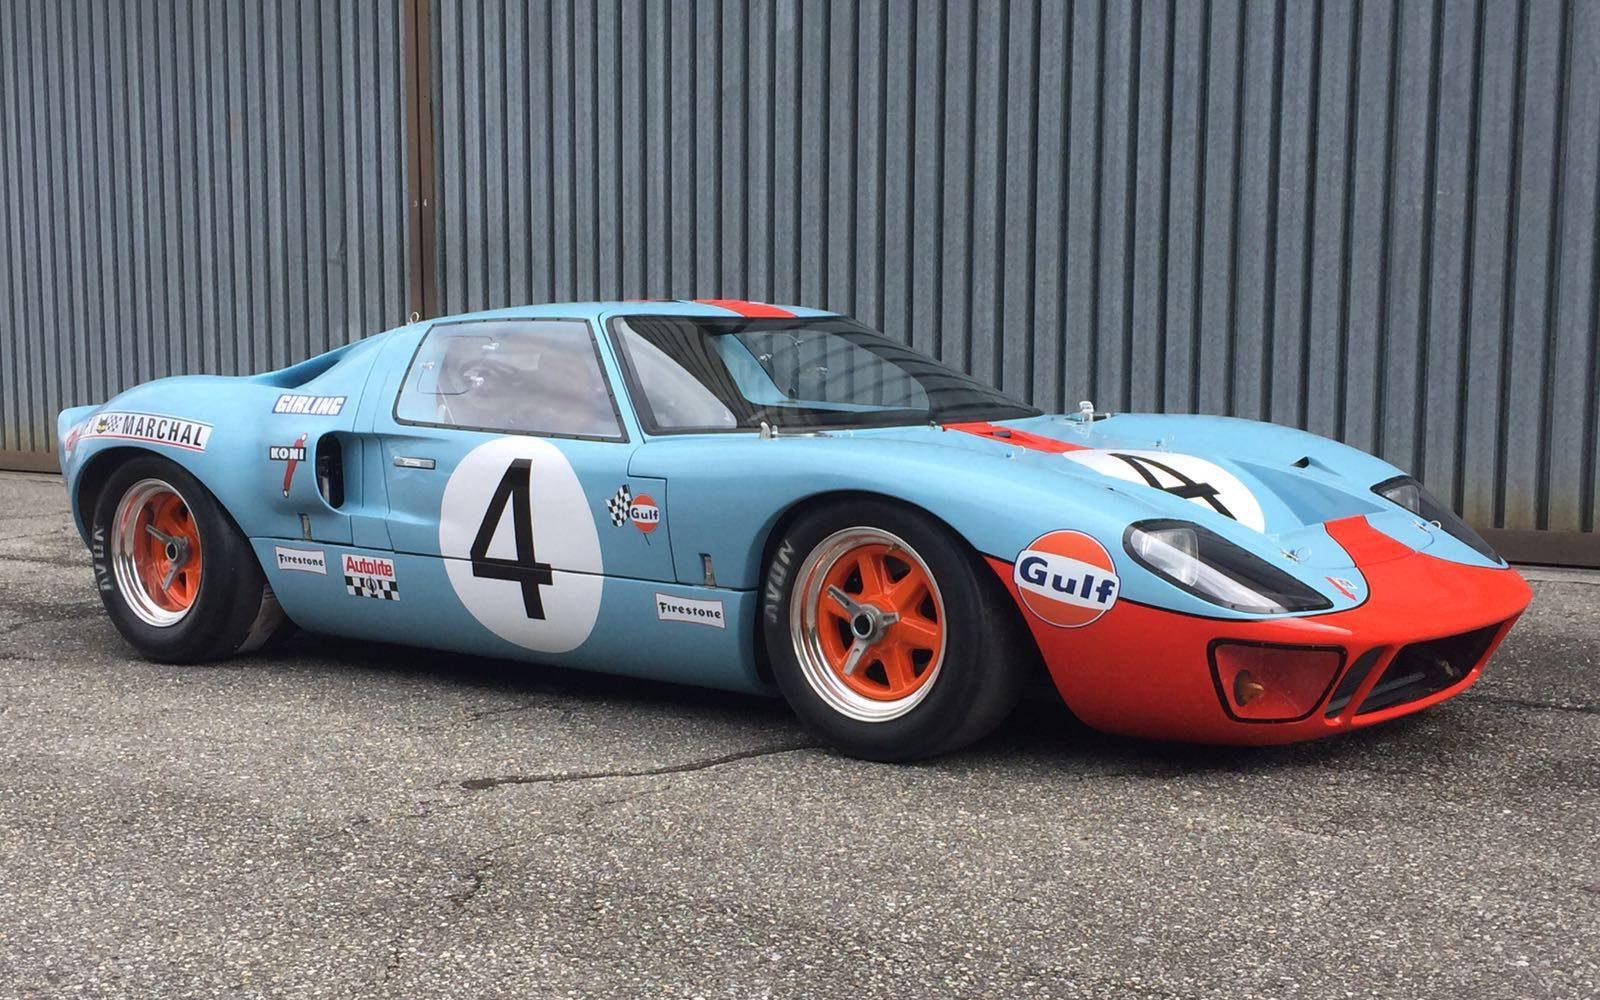 best kit cars - Tornado Sports Cars GT40